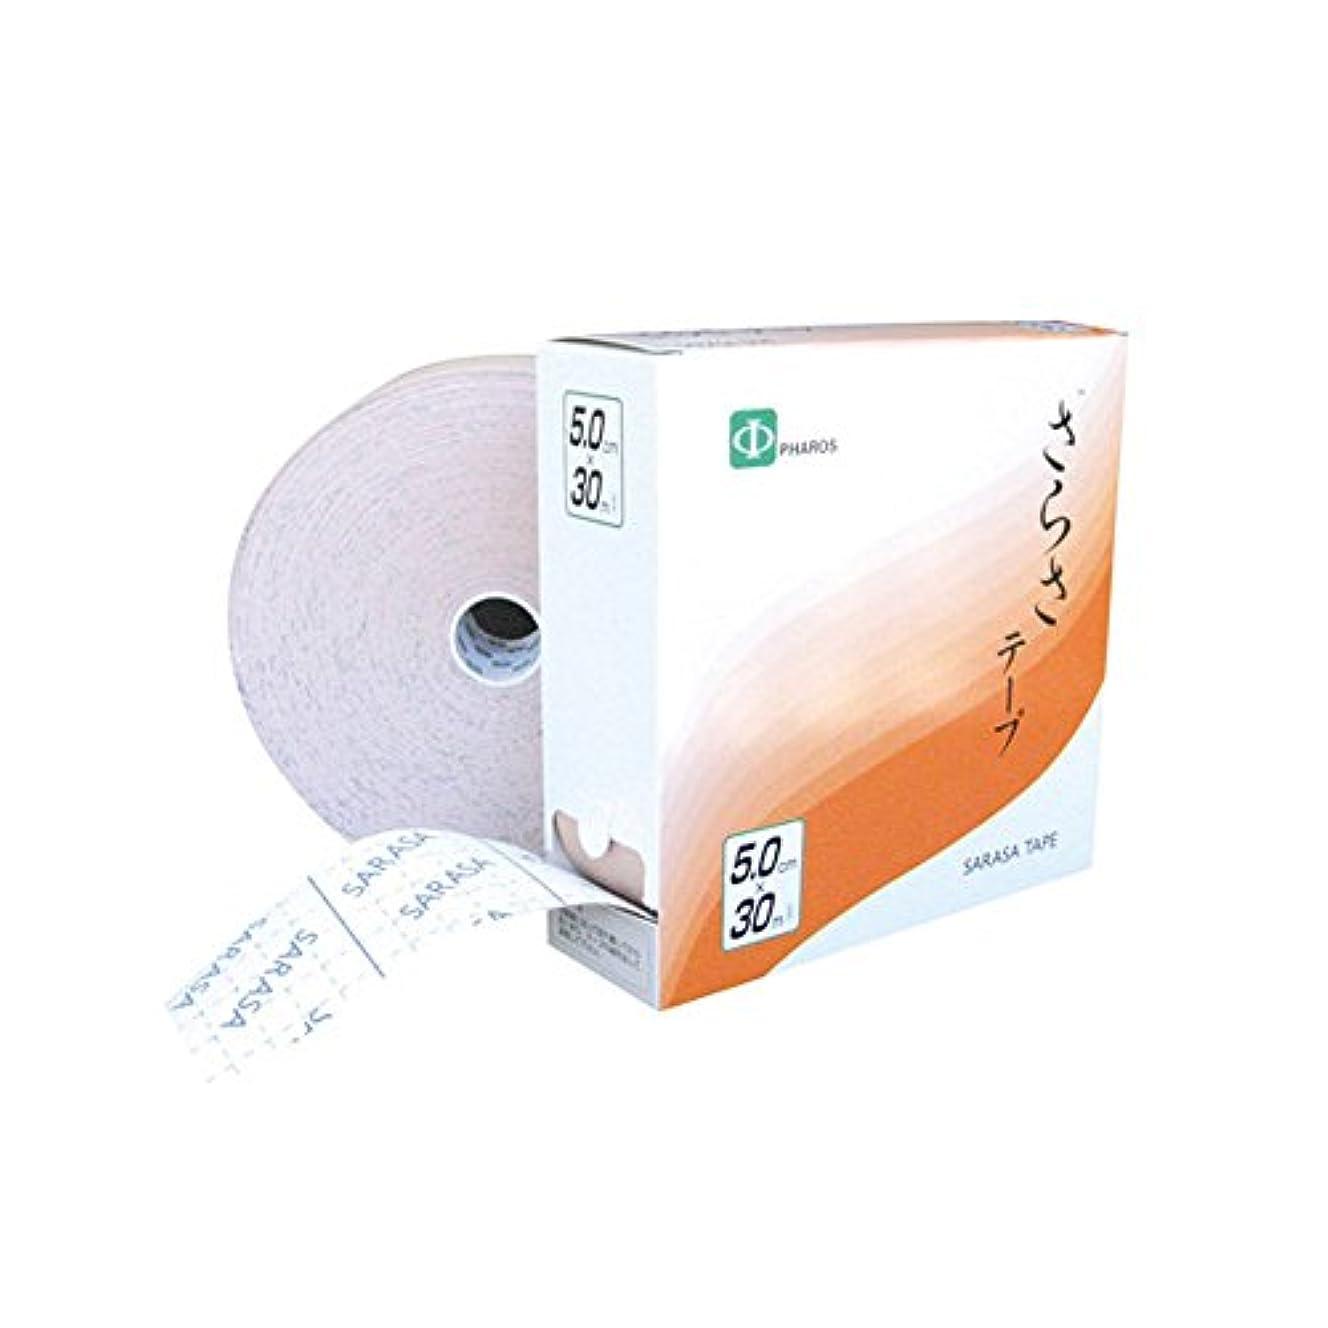 機密現れるいわゆるさらさ伸縮テープ 5.0cmX30m